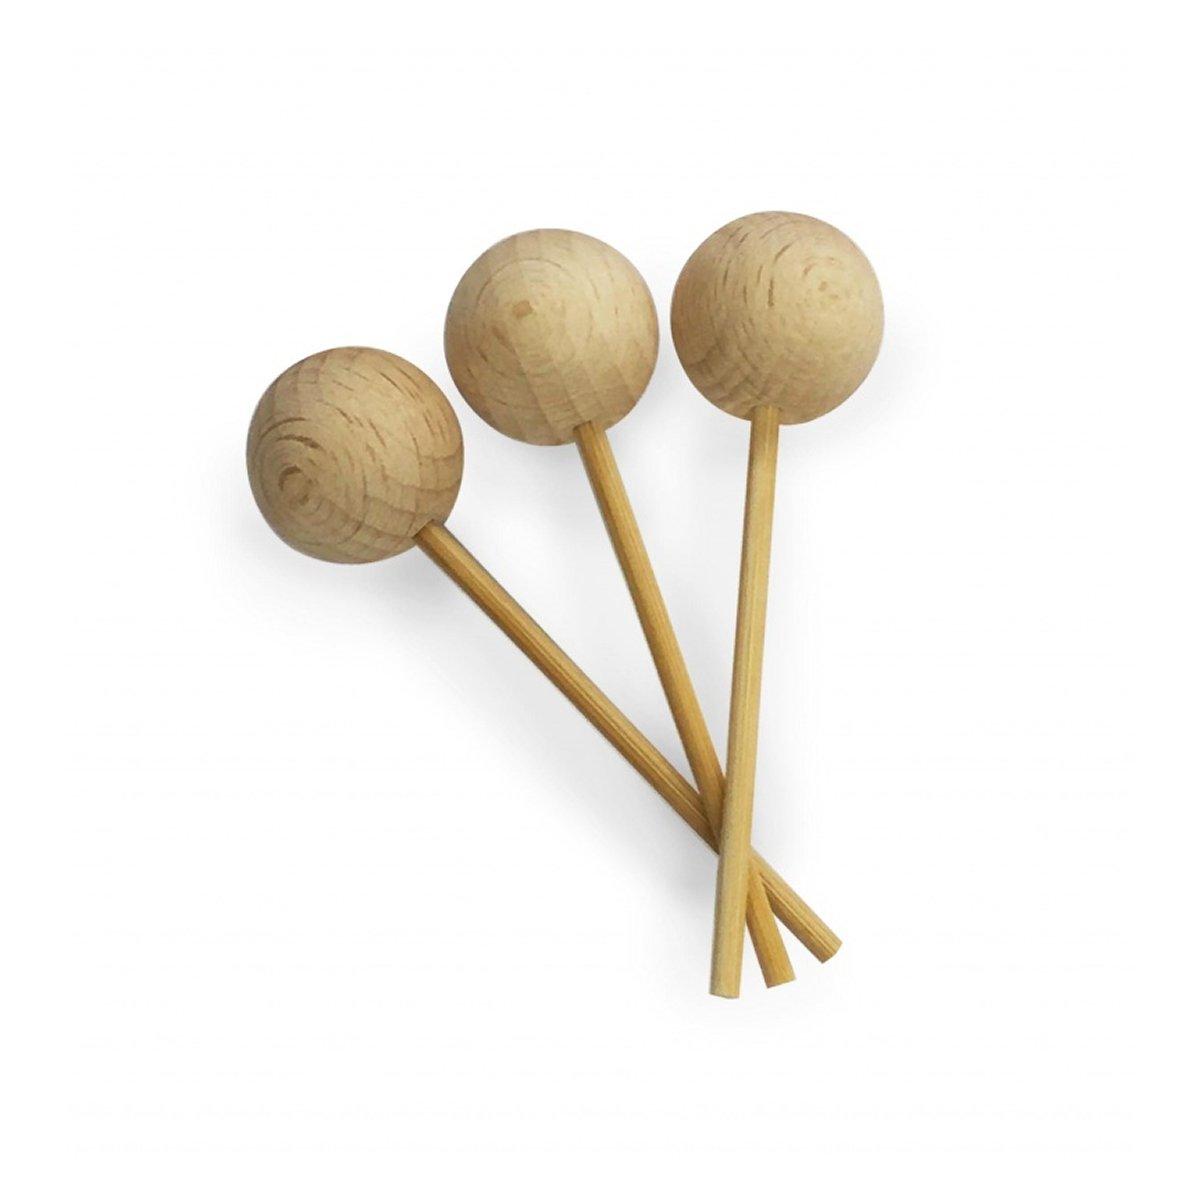 渇き陪審残酷カリス成城 アロマ芳香器 木のお家 交換用木製スティック3本入